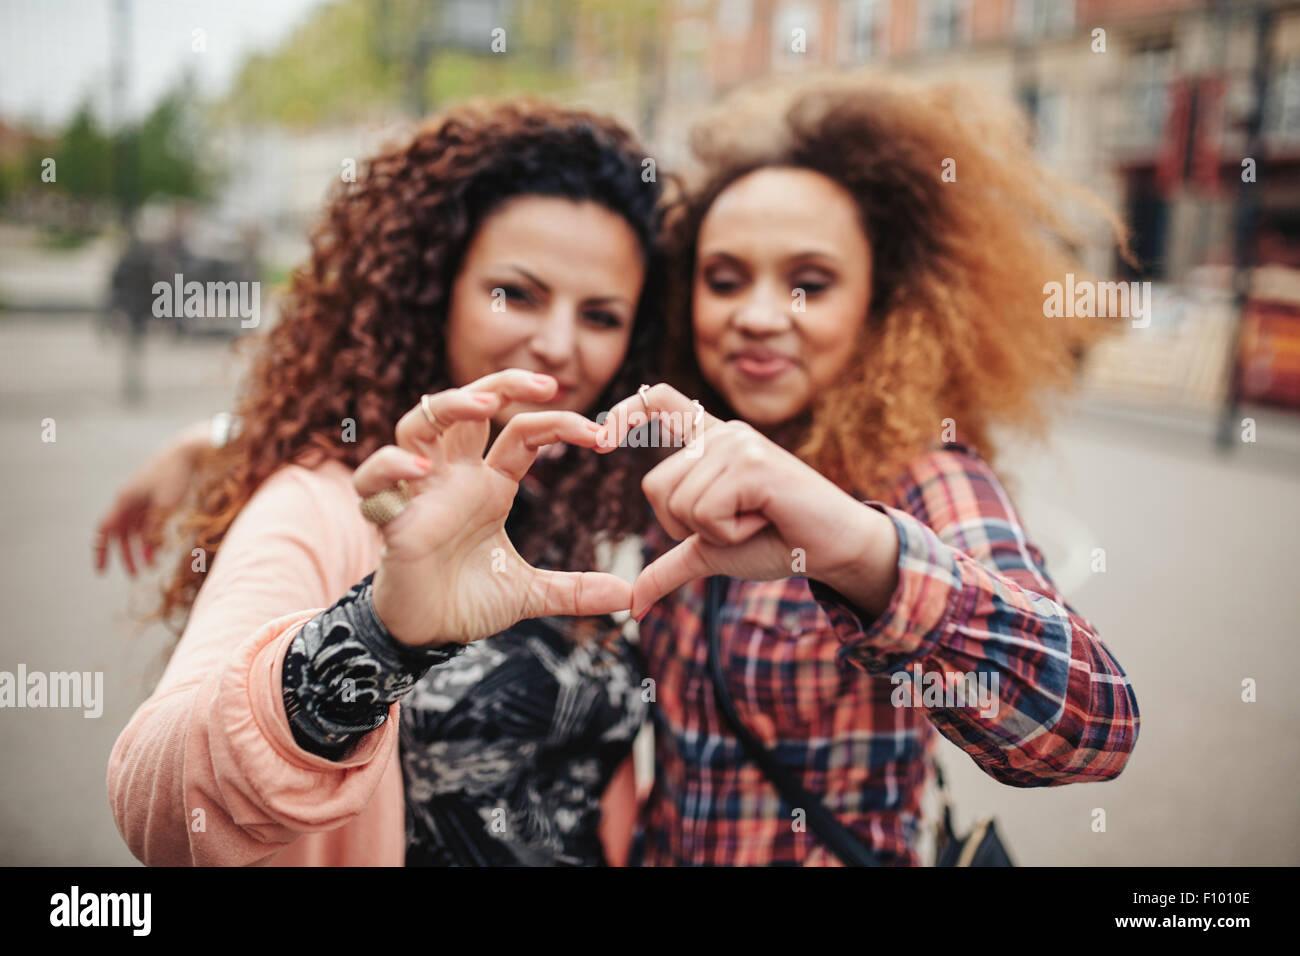 Felice giovani amici di sesso femminile messa a forma di cuore con le mani e le dita. Due donne in piedi insieme Immagini Stock